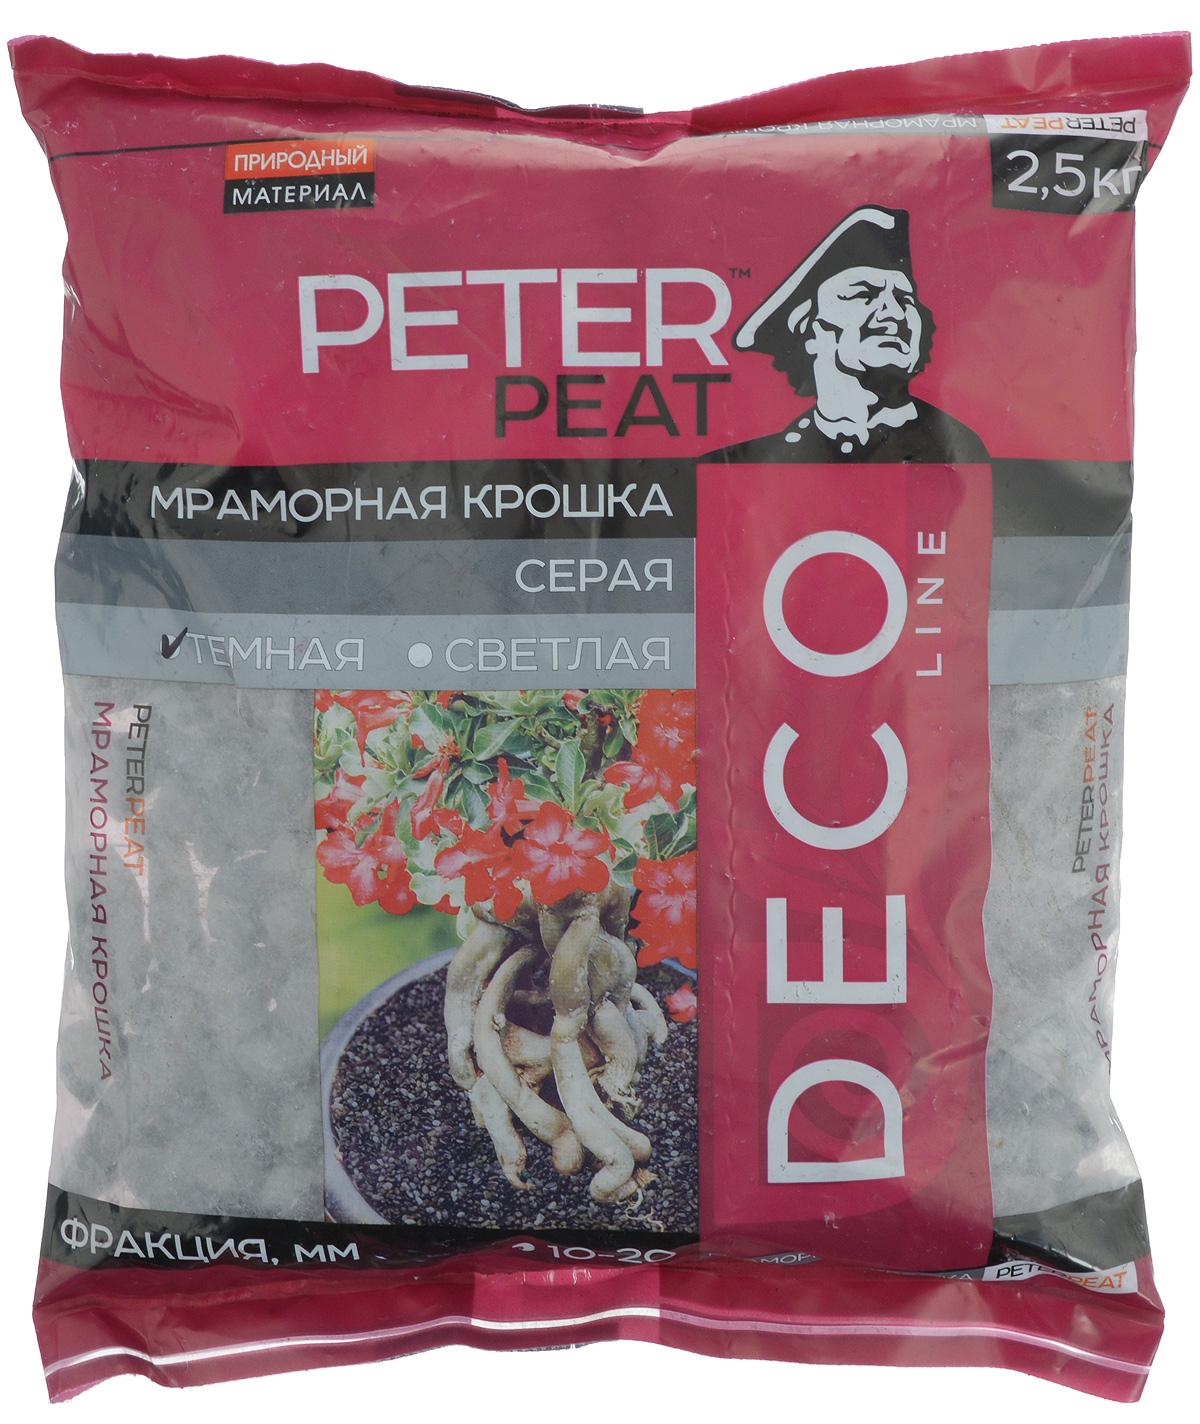 Мраморная крошка Peter Peat, крупная, цвет: темно-серый, 2,5 кгRSP-202SМраморная крошка Peter Peat - универсальный сыпучий декоративный материал зернисто-кристаллической породы, получаемый дроблением природного мрамора. Применяется в ландшафтном дизайне для оформления цветников, альпийских горок, оригинальных клумб, засыпки тропинок и создания композиций. Мраморная крошка обладает фильтрующими свойствами и отличается своей долговечностью.